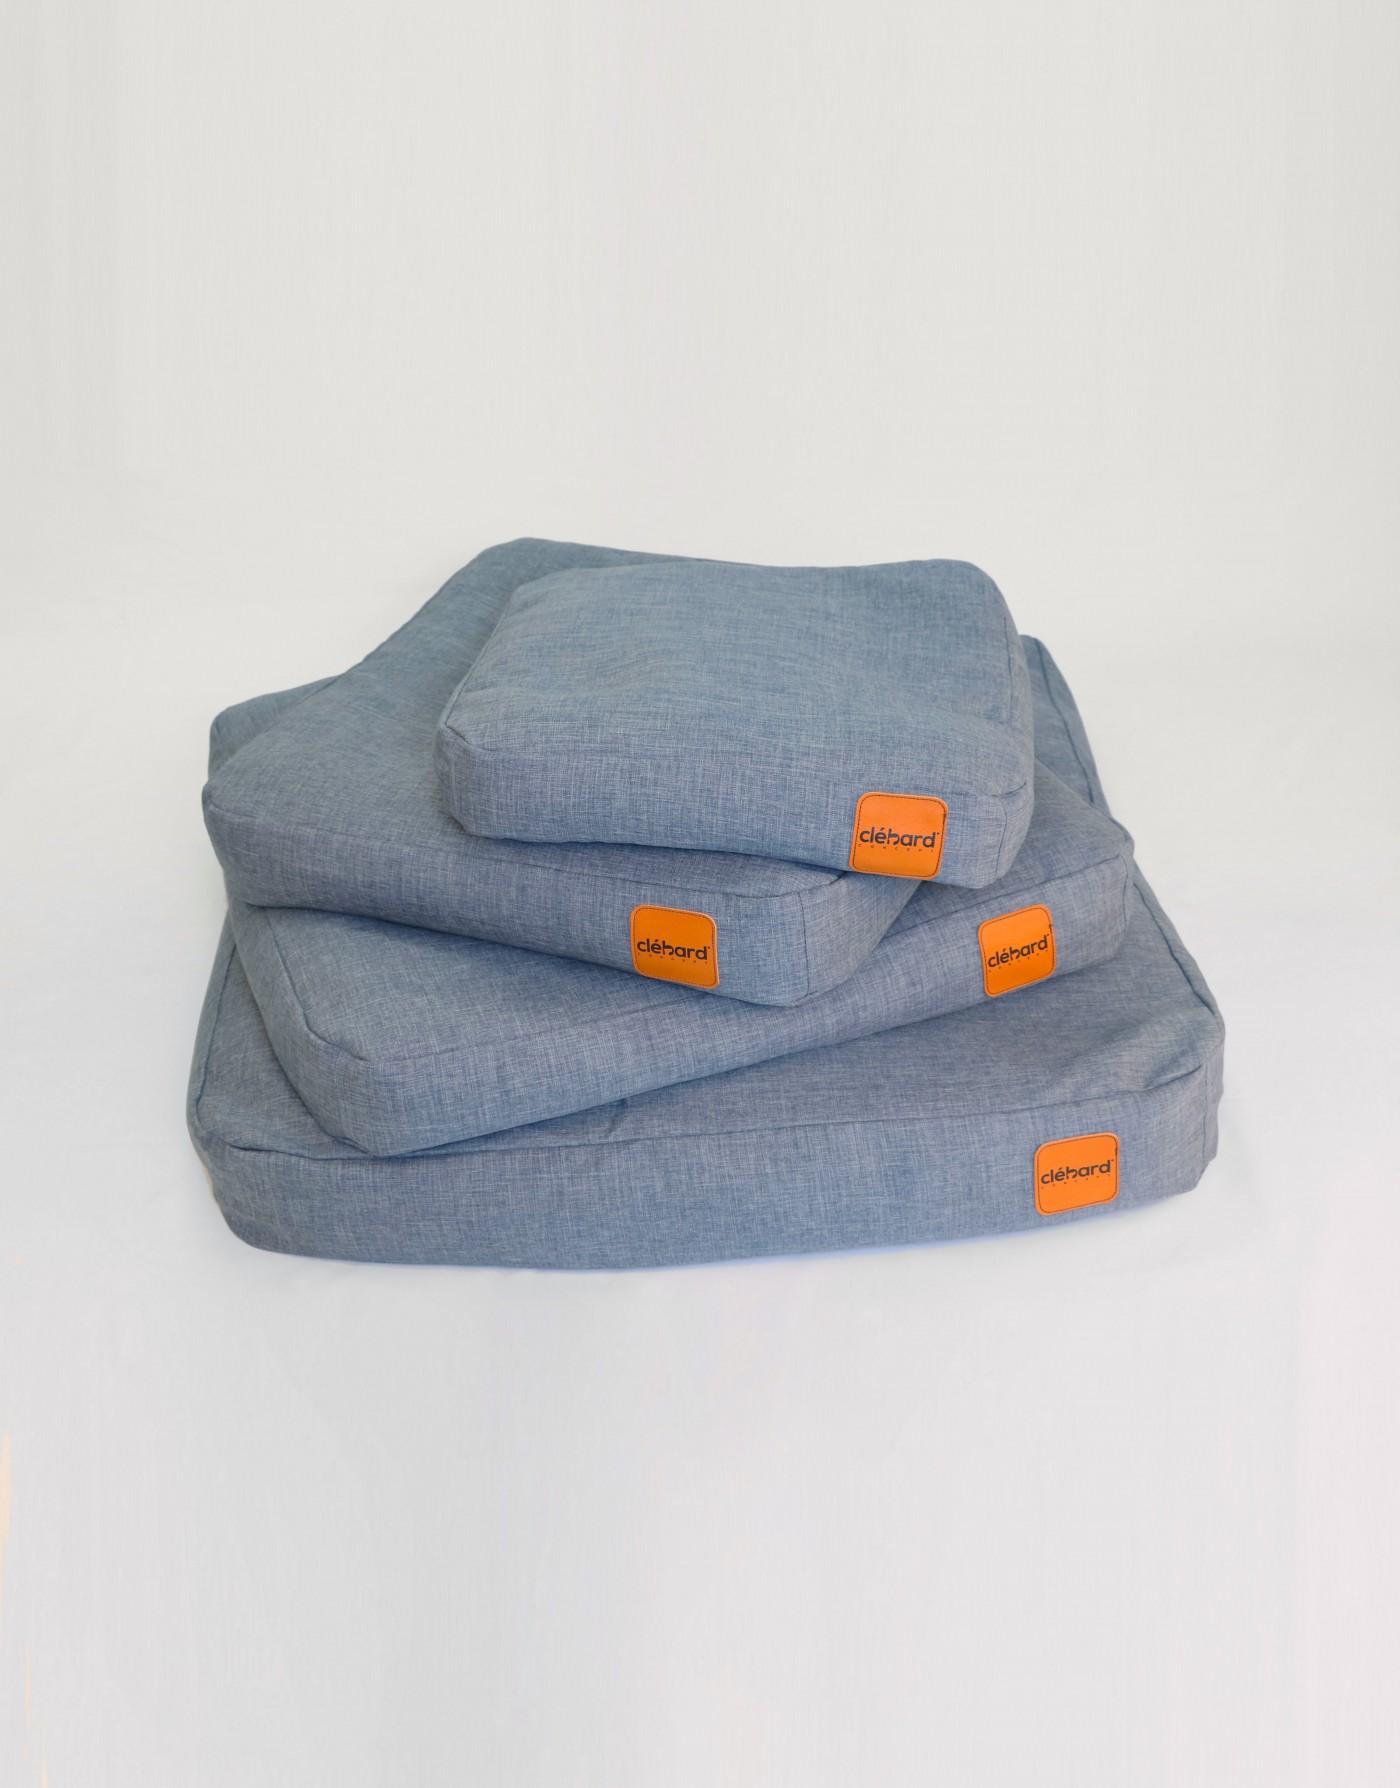 Elegant Dog's Cushion - Linen - Light Jeans